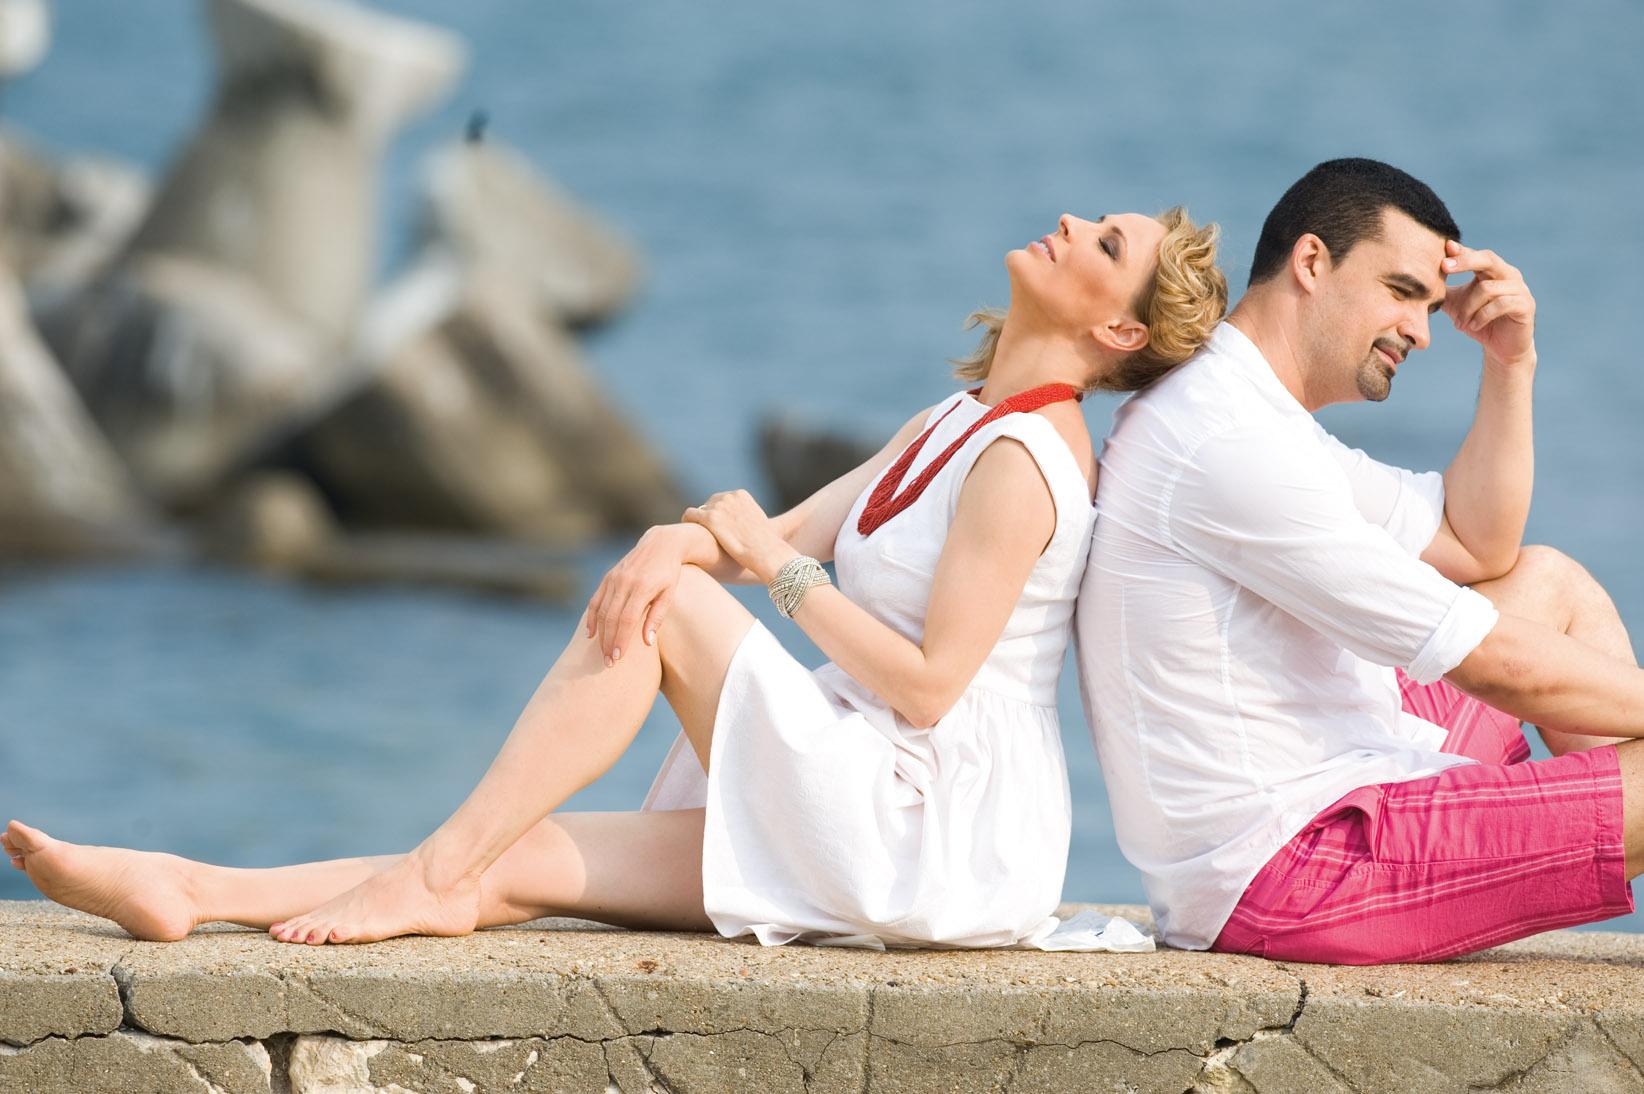 Pictorial cu Monica Davidescu și Aurelian Temișan pentru revistatango marea dragoste 72